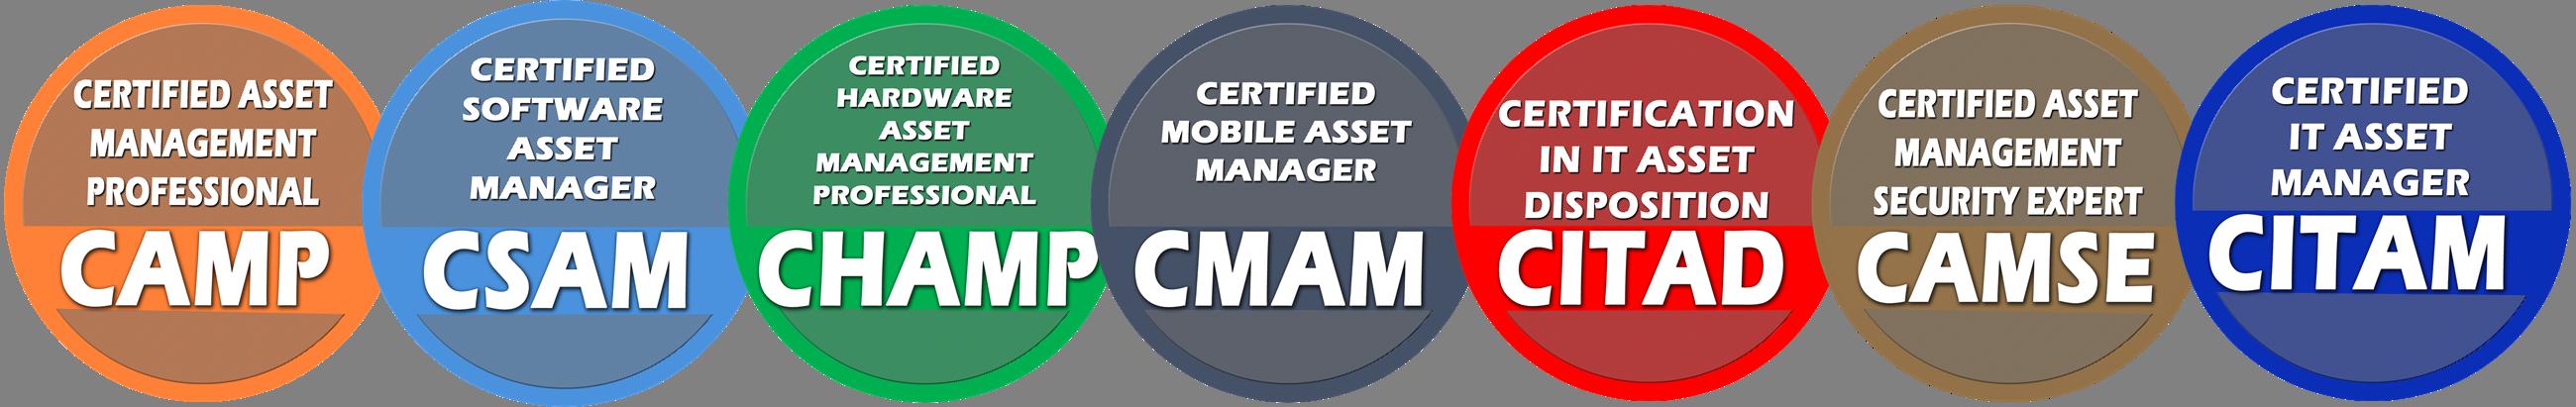 IT Asset Management Certifications